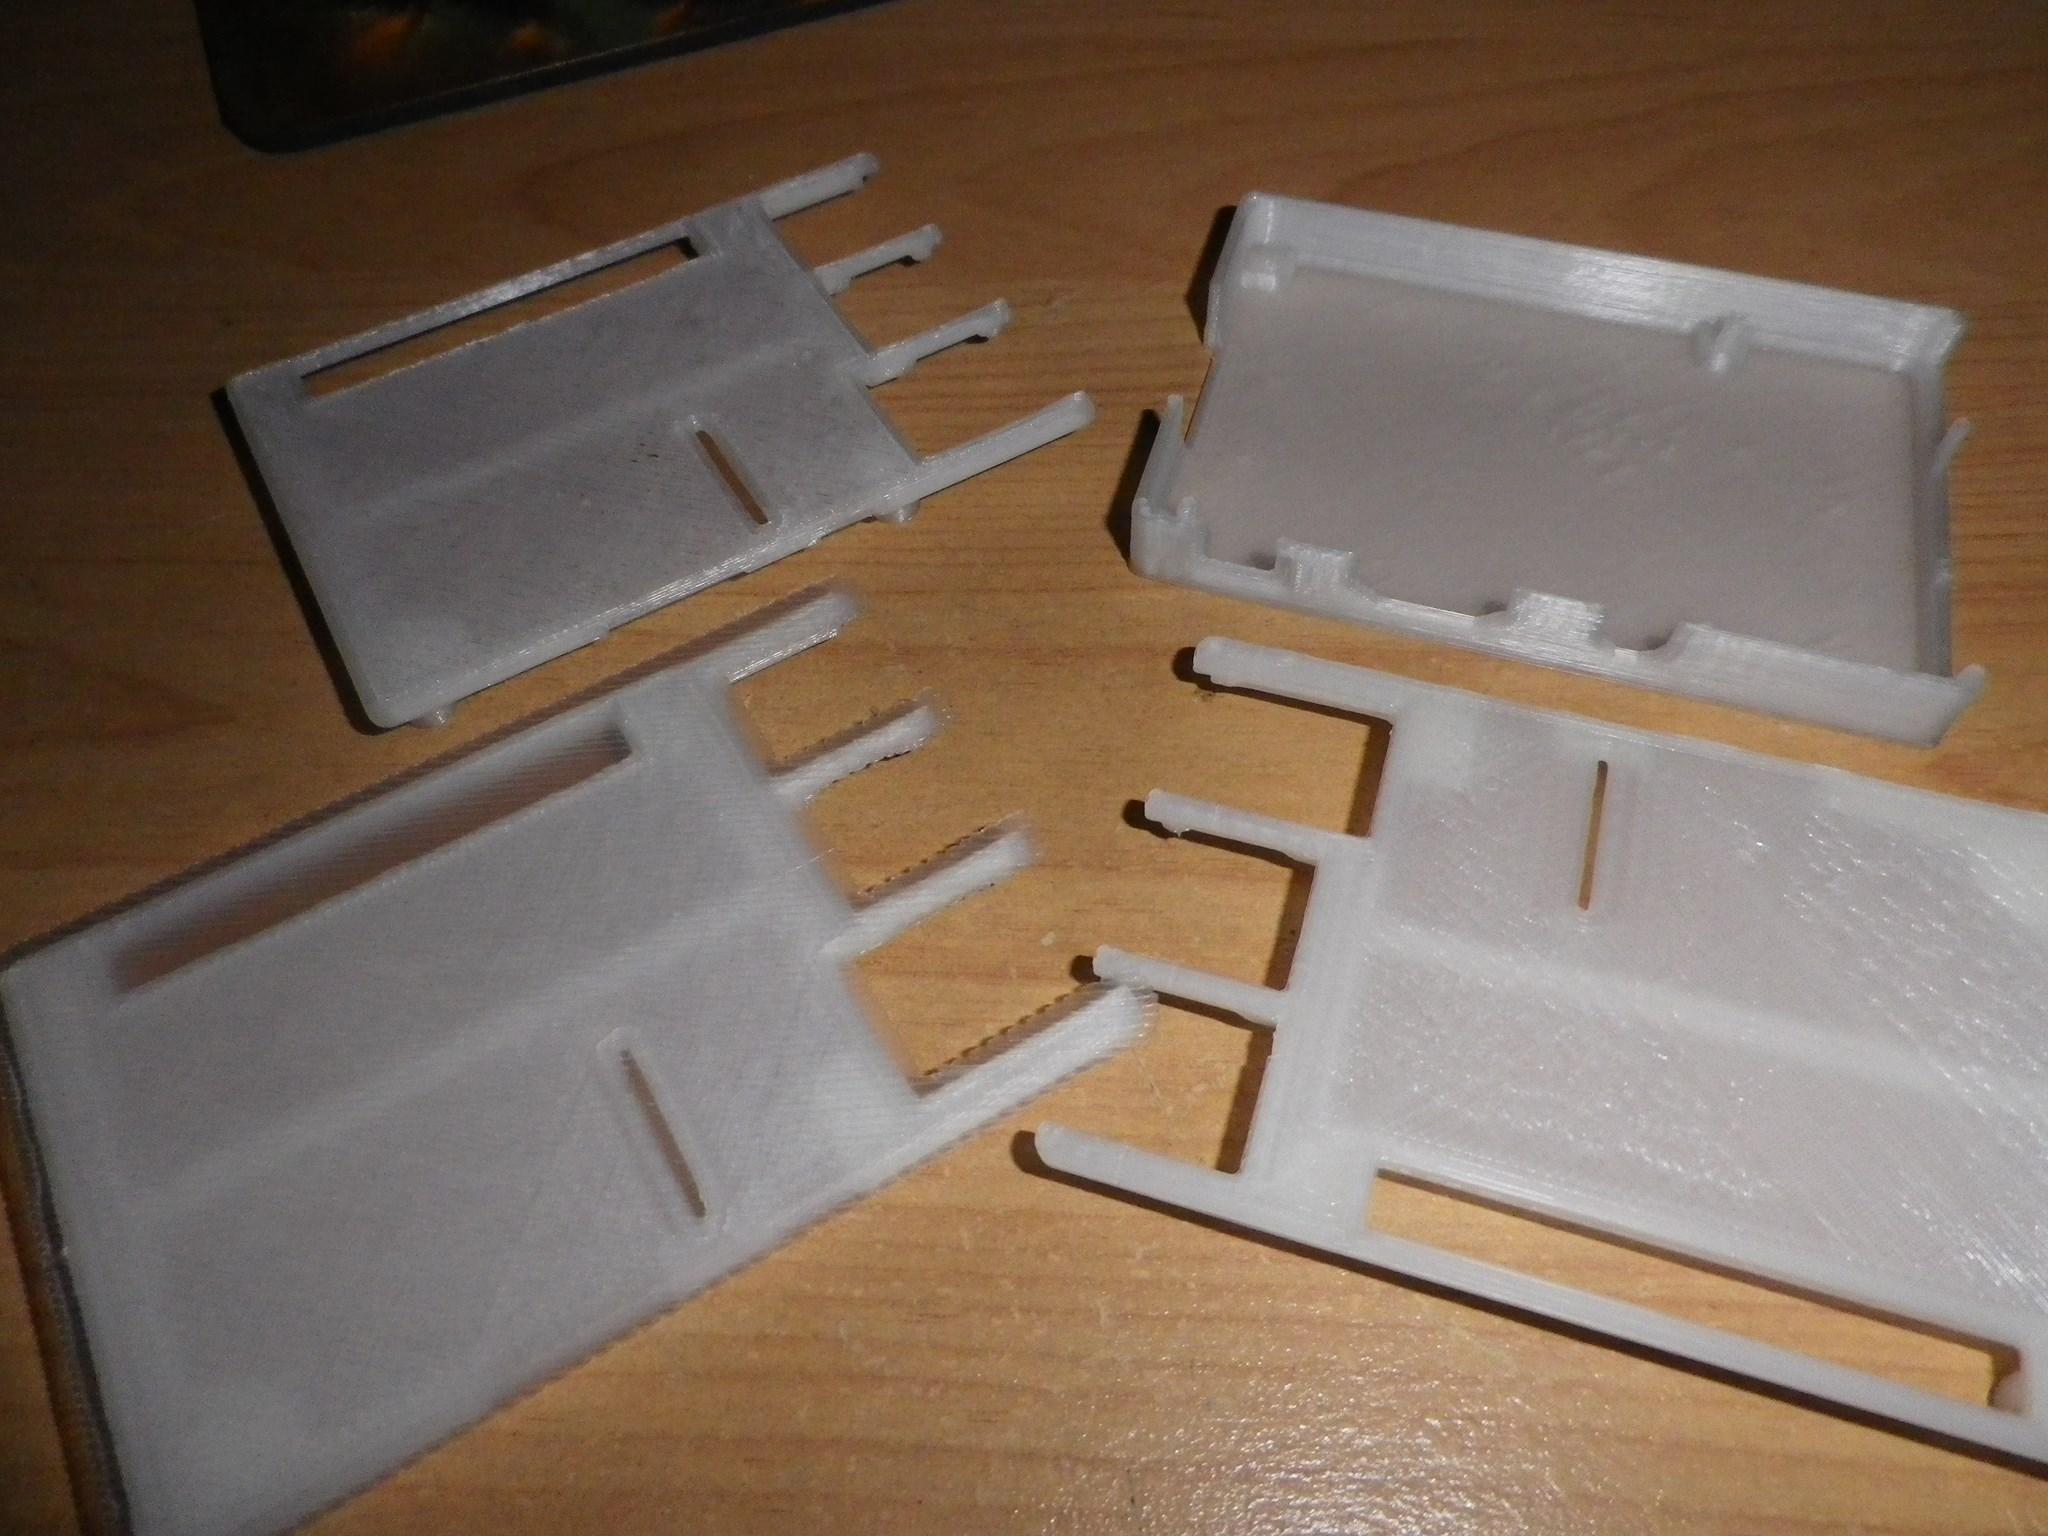 raspeberrypi-case-3d-print-tachov_1